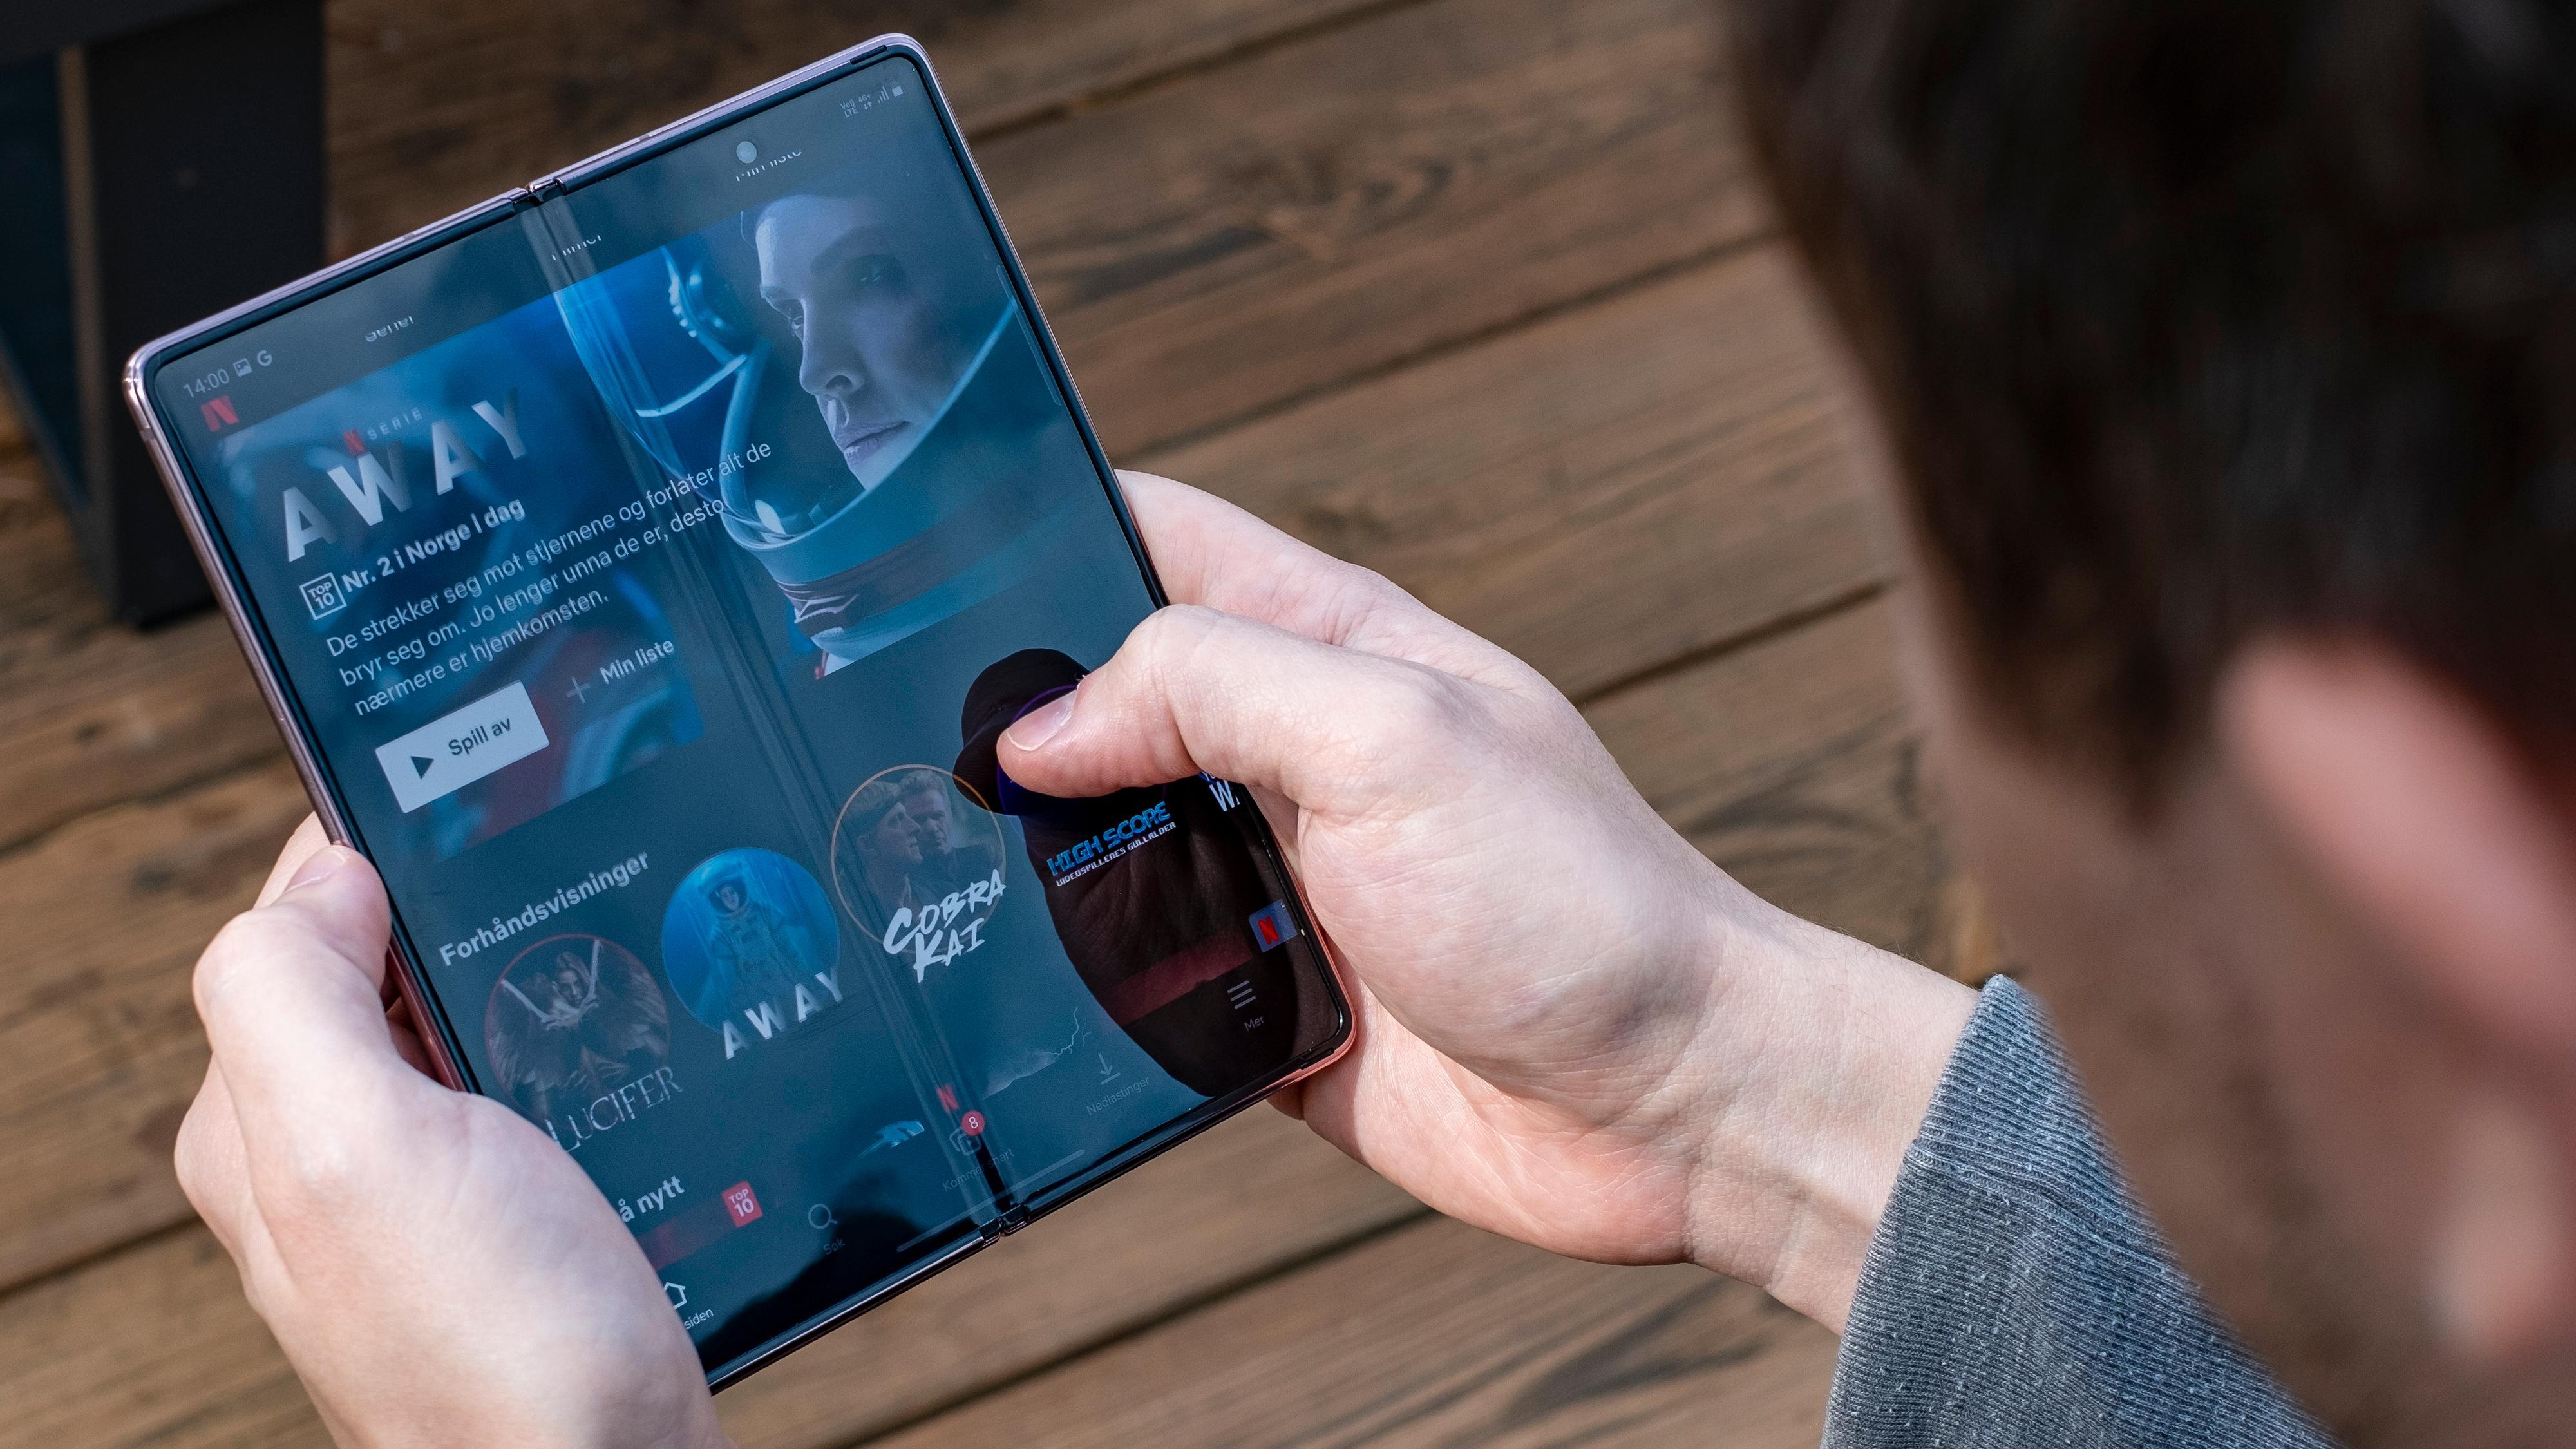 Samsung skal lage over 12 millioner slike skjermer i løpet av 2021. Drøyt millionen av dem skal gå til kinesiske produsenter.